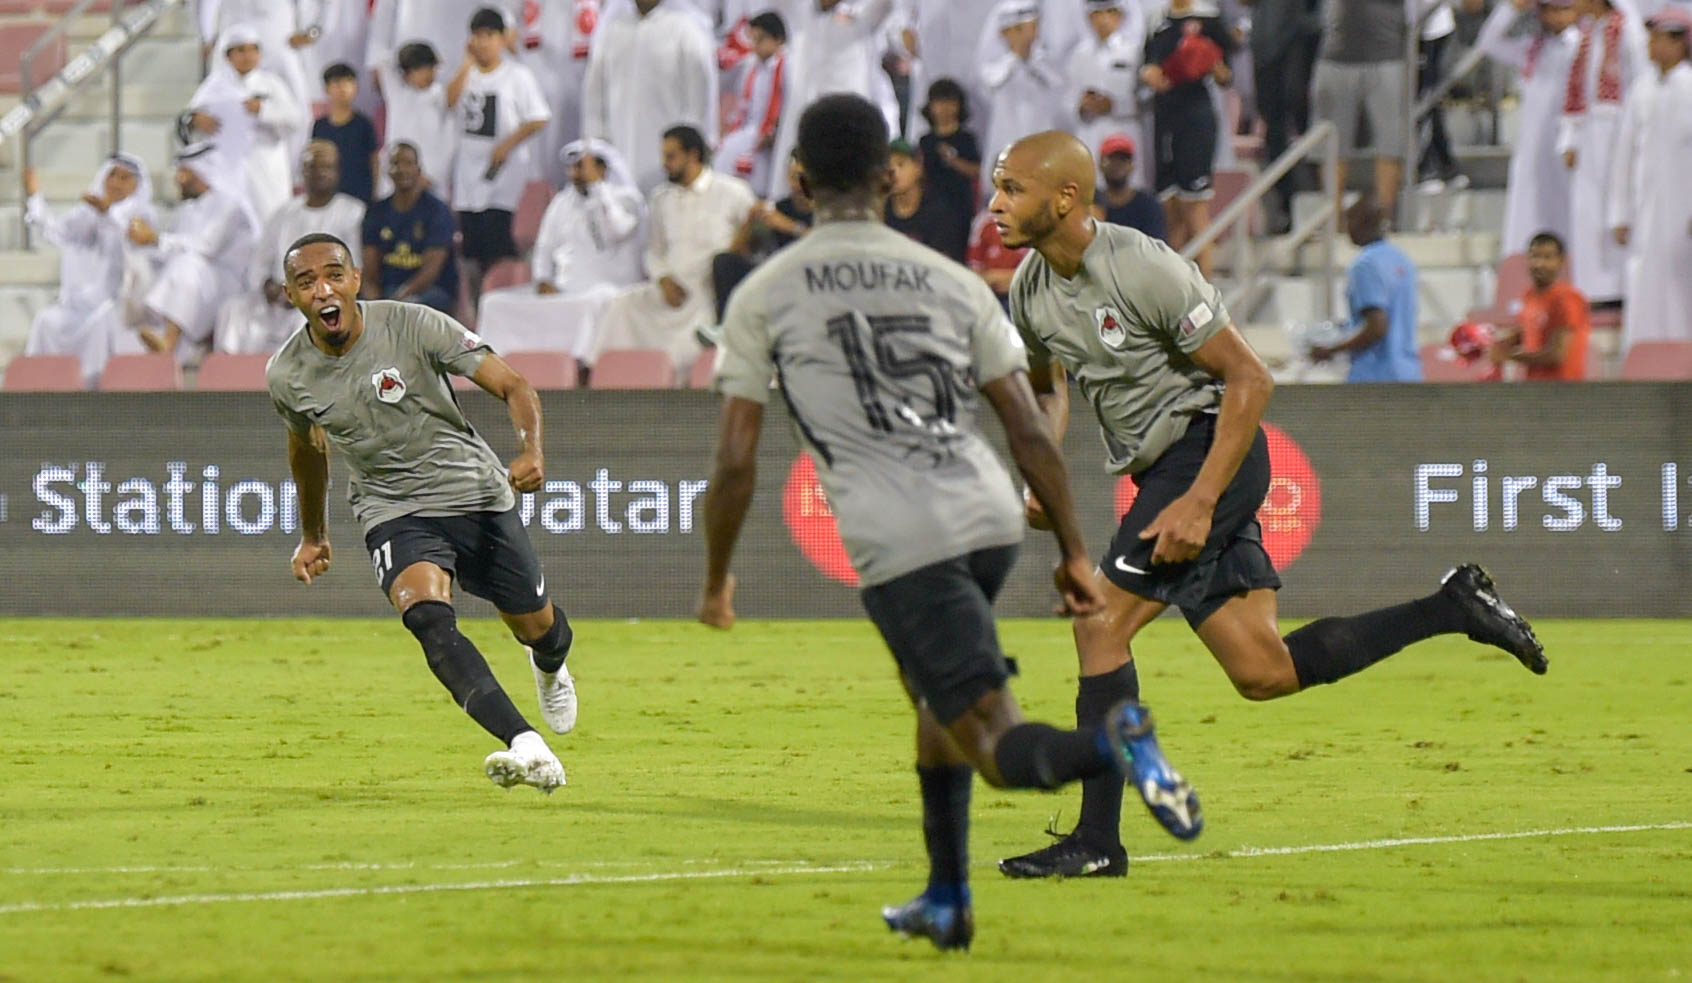 ياسين براهيمي افضل لاعب لشهر أكتوبر بالدوري القطري 102